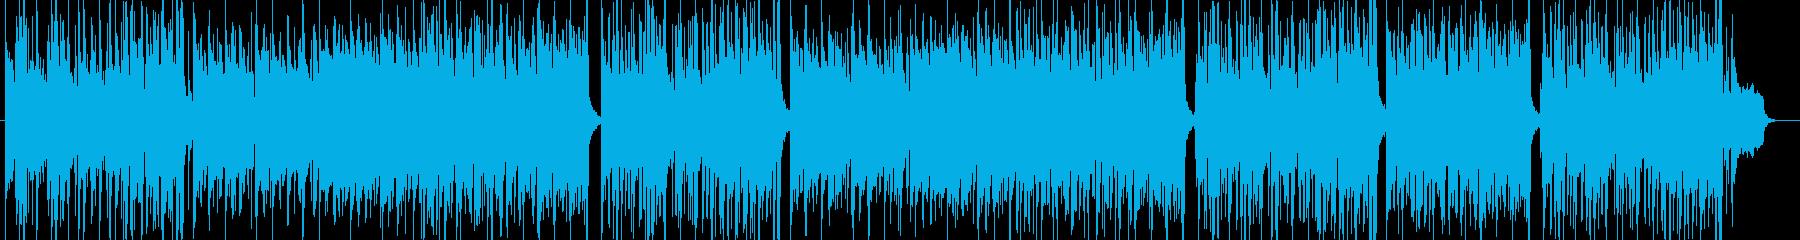 セッションによるグルーヴィーなポップスの再生済みの波形